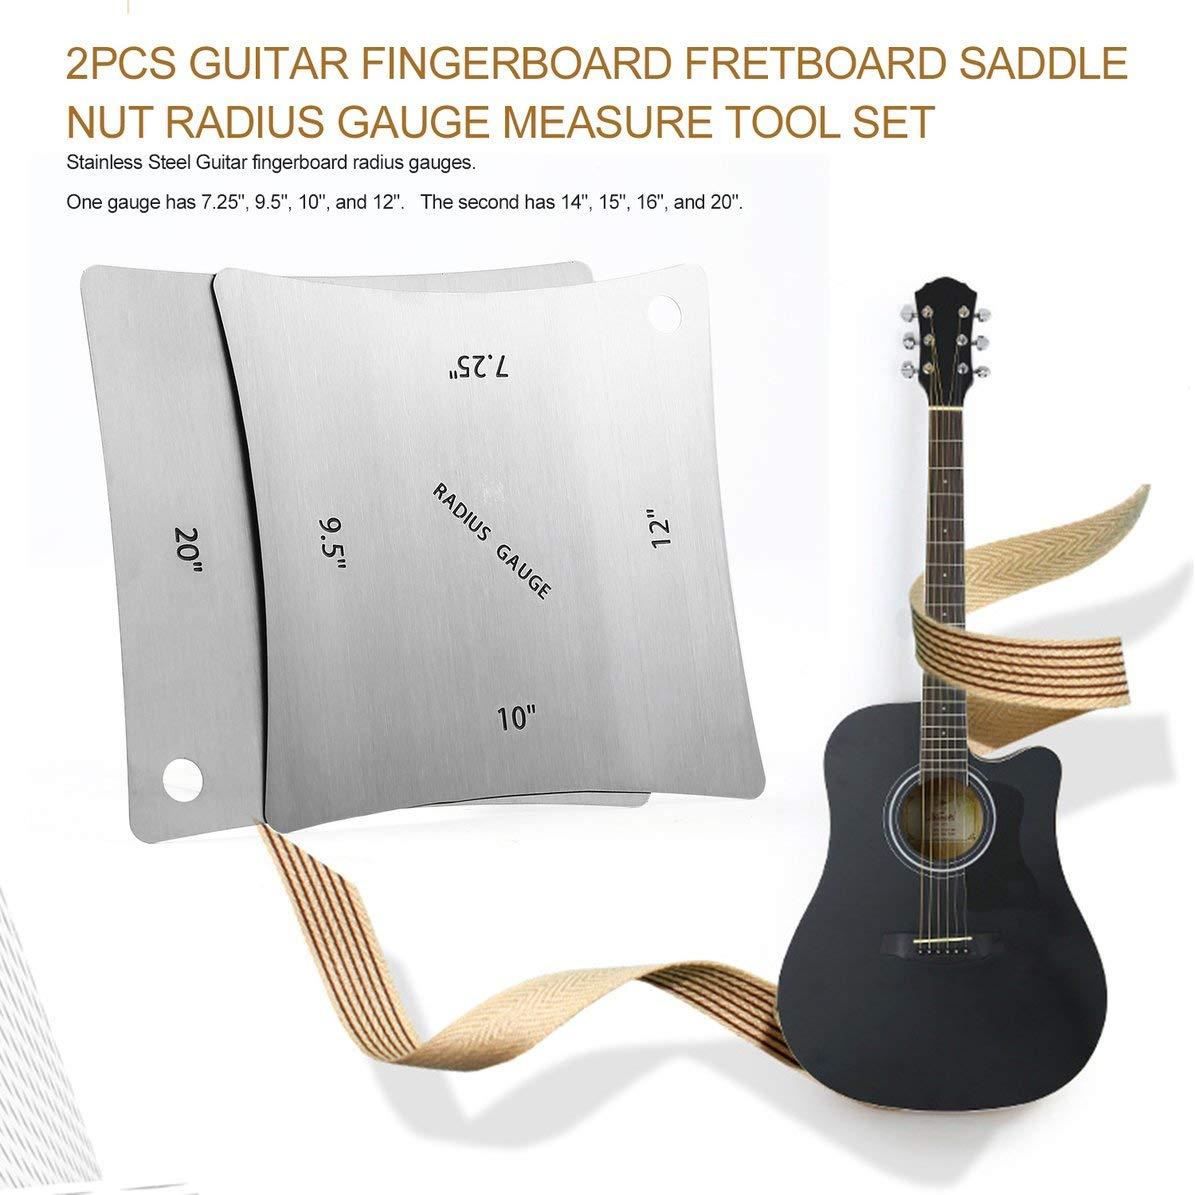 2pcs Durable Stainless Steel Guitar Saddle Nut Radius Gauge Design